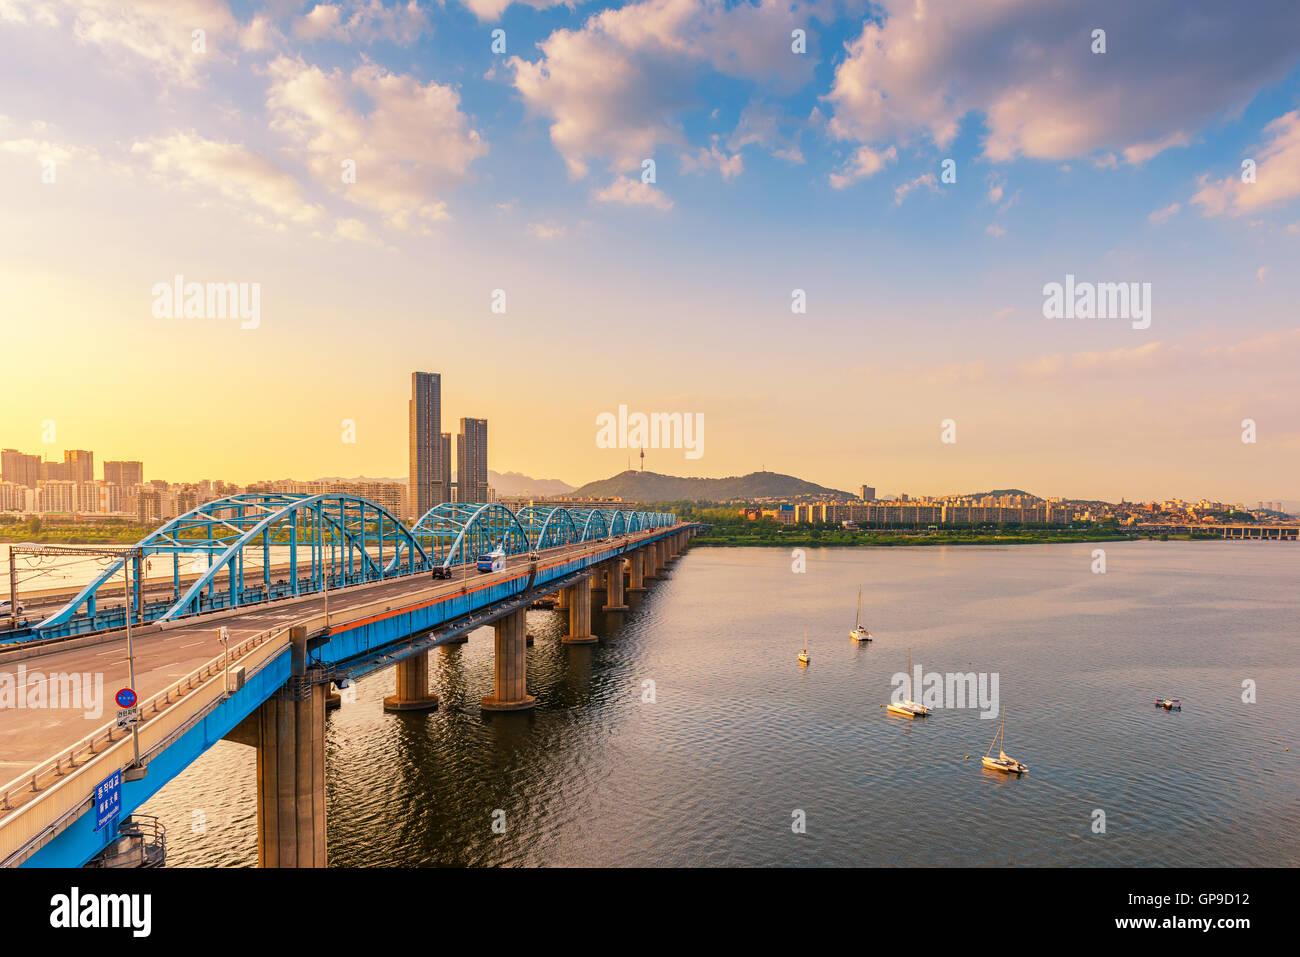 Il tramonto di Dongjak Bridge e il fiume Han a Seoul Città ,corea del sud. Immagini Stock